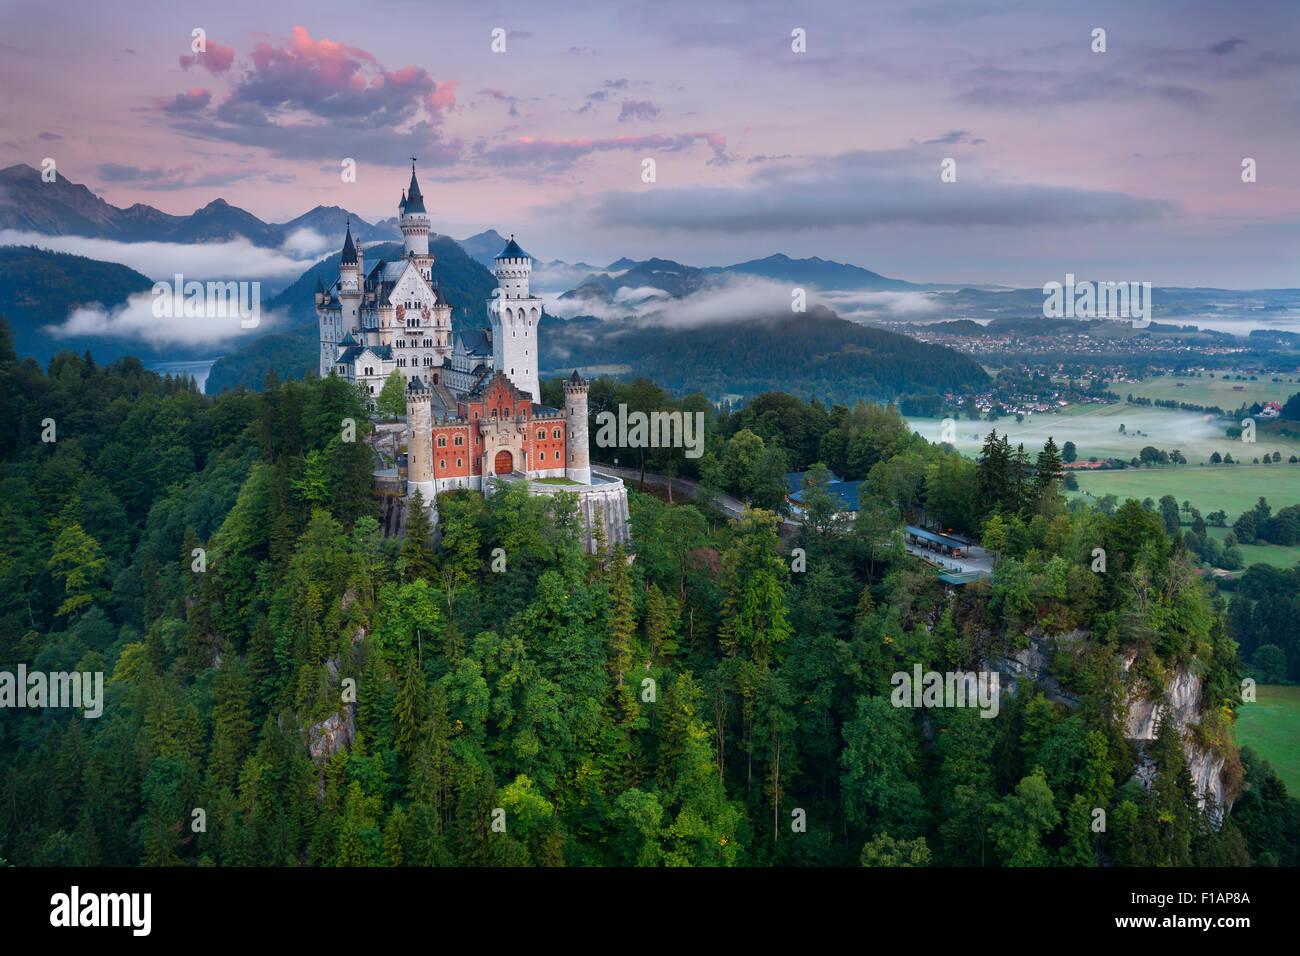 El castillo de Neuschwanstein, Alemania. Imagen De Stock